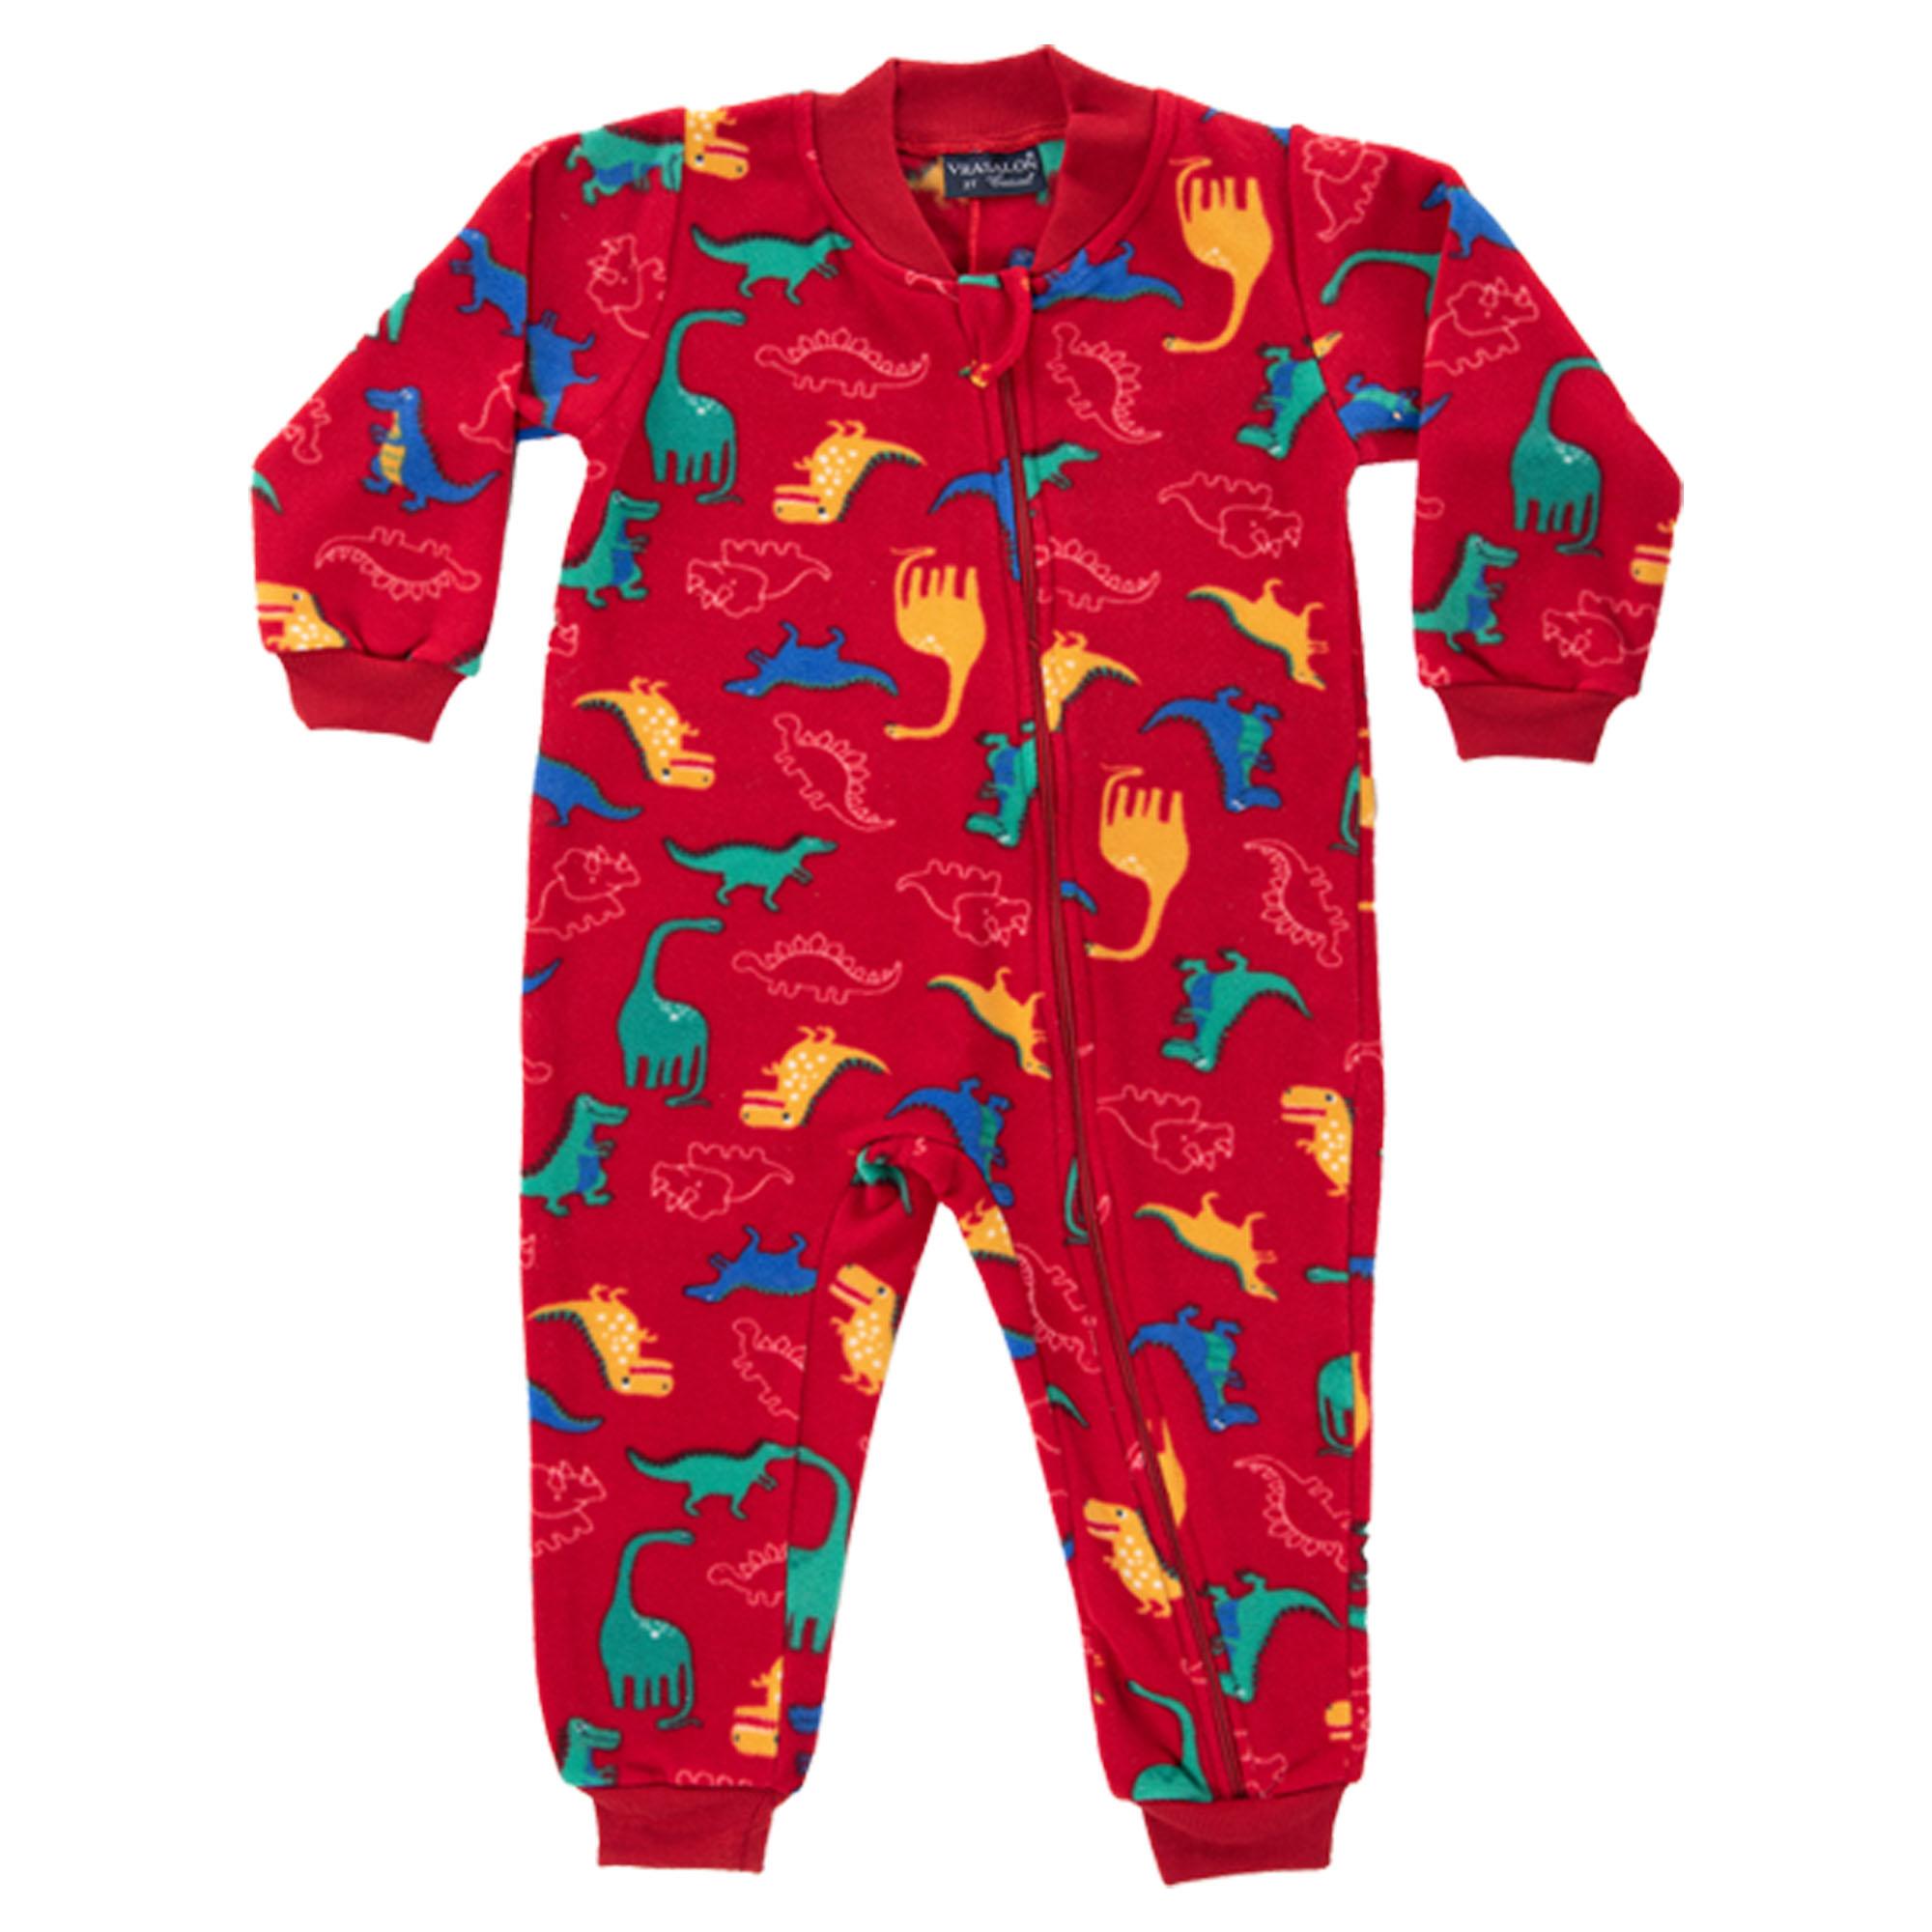 Macacão Pijama Inverno Vrasalon Soft Dinossauros - 04 ao 08